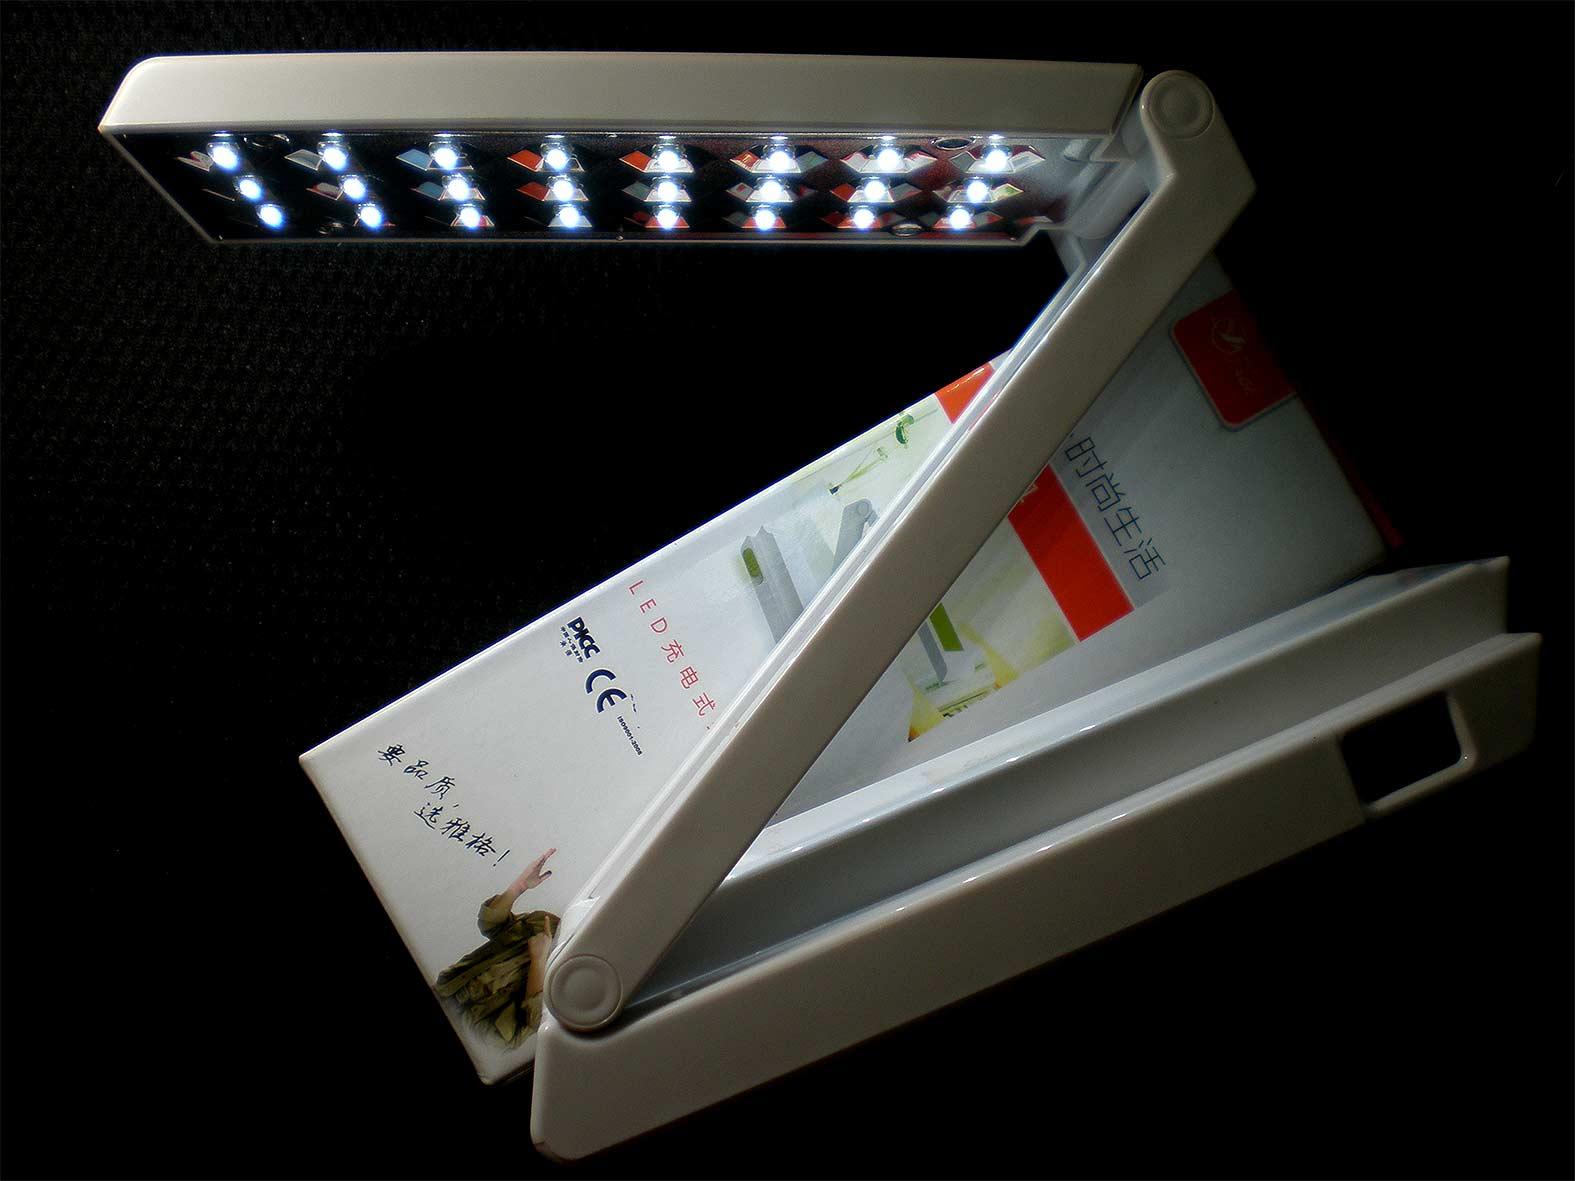 โคมไฟตั้งโต๊ะใช้หลอด LED 36 ดวง YG3981 สินค้าขายดีในตอนนี้